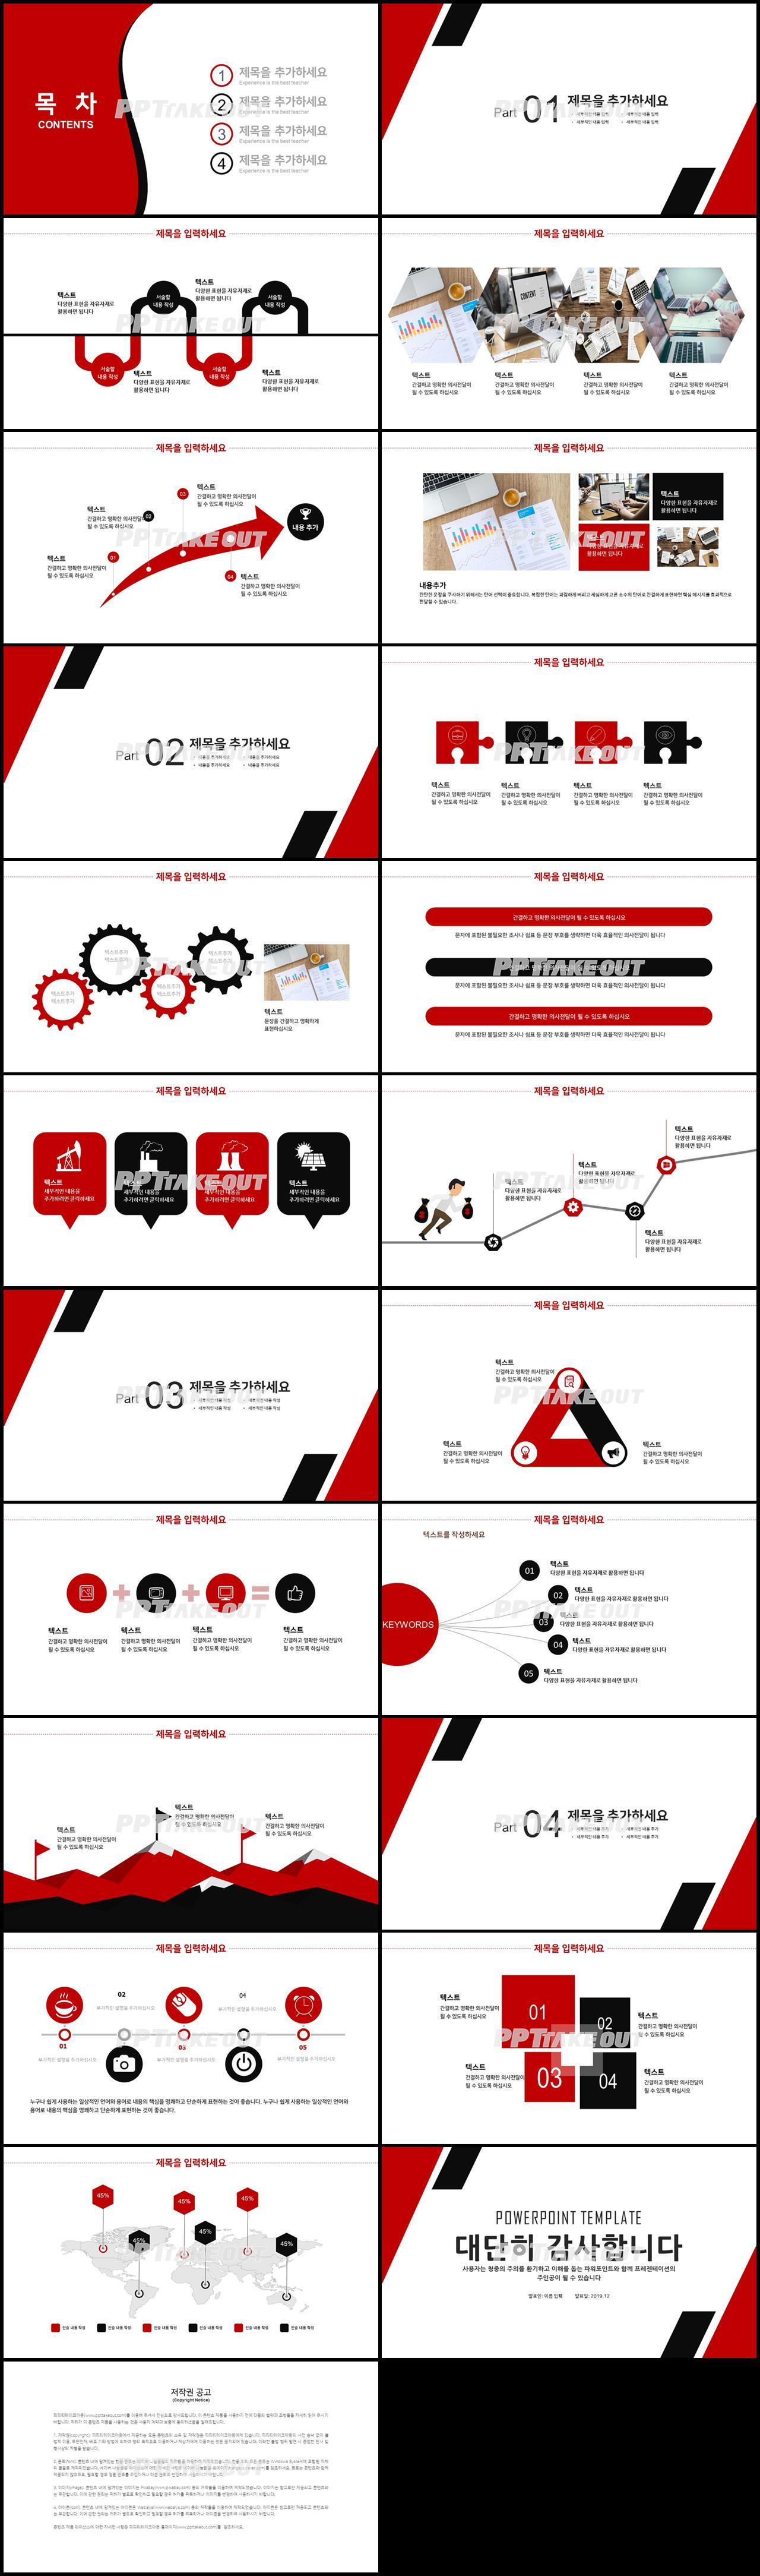 일일업무일지 붉은색 베이직 멋진 POWERPOINT탬플릿 다운로드 상세보기